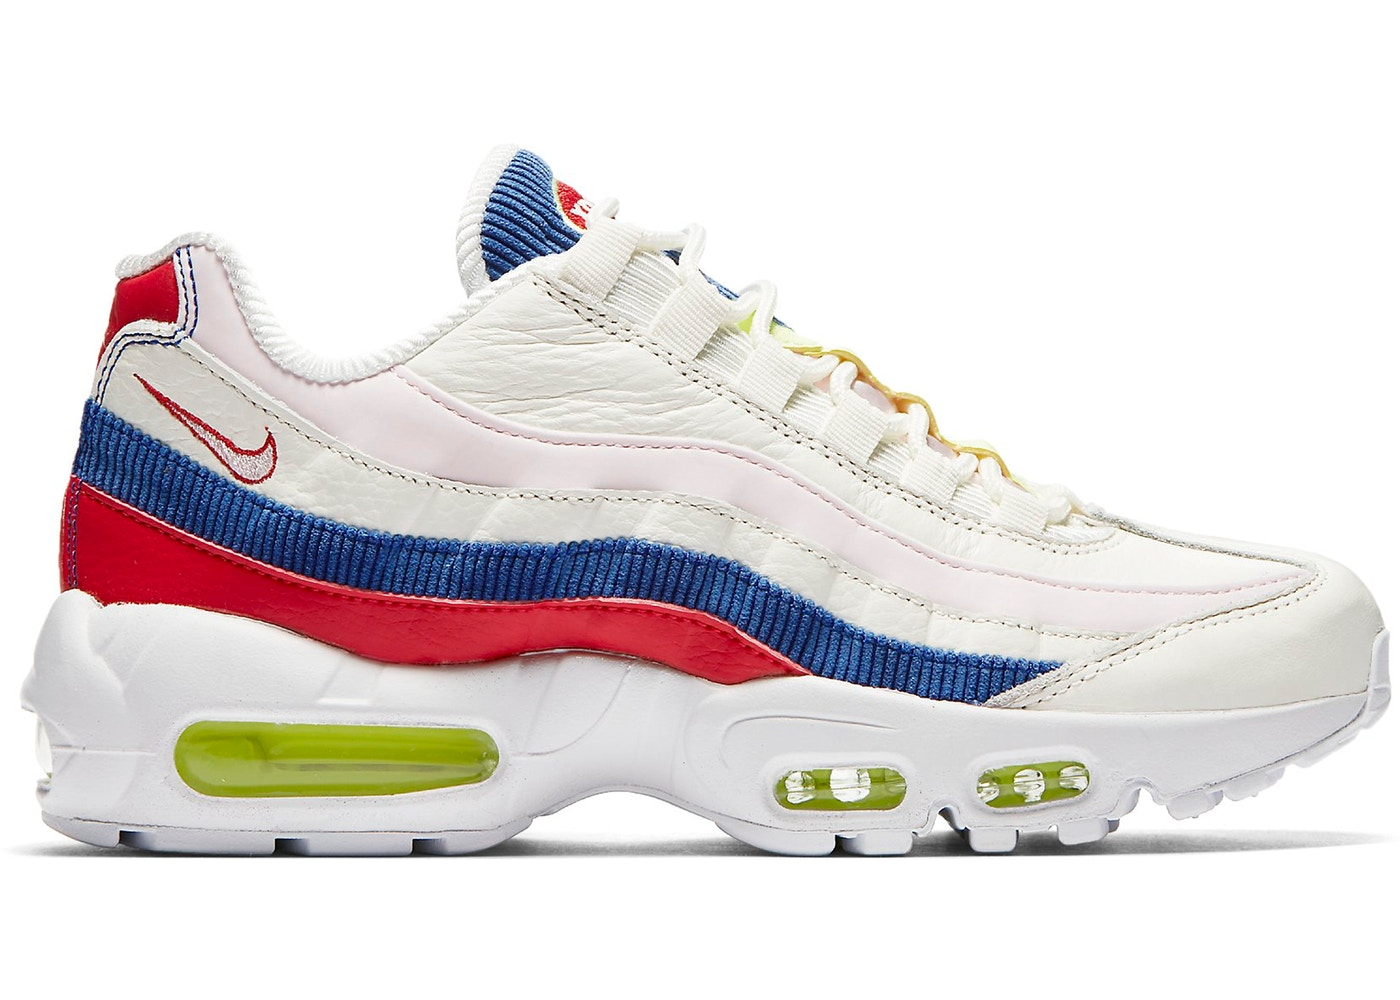 Kaufen Nike Air Max 95 Schuhe und brandneue, ungetragene und